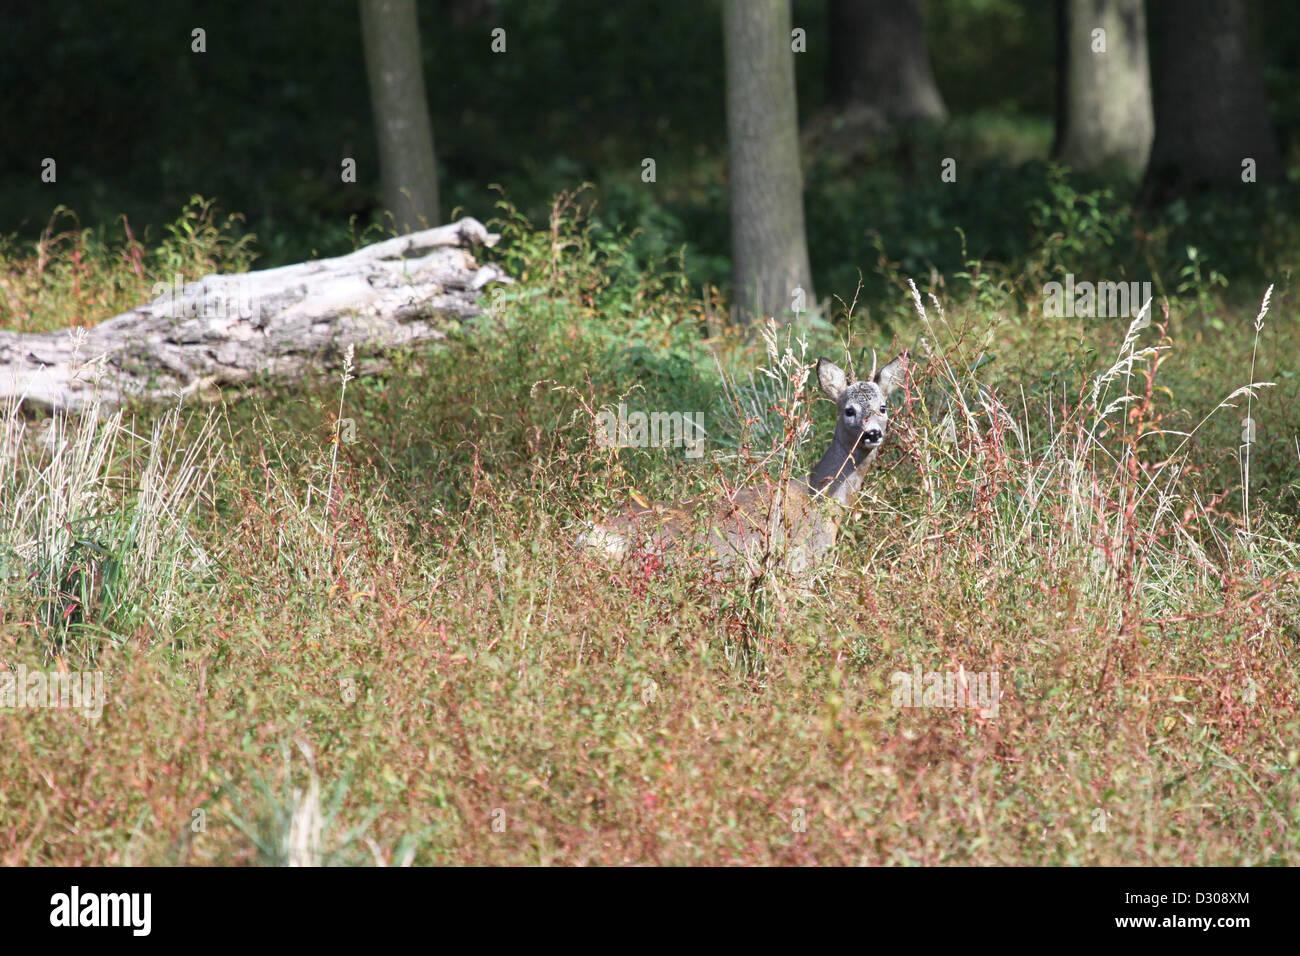 Roebuck nascondendo in erba Immagini Stock